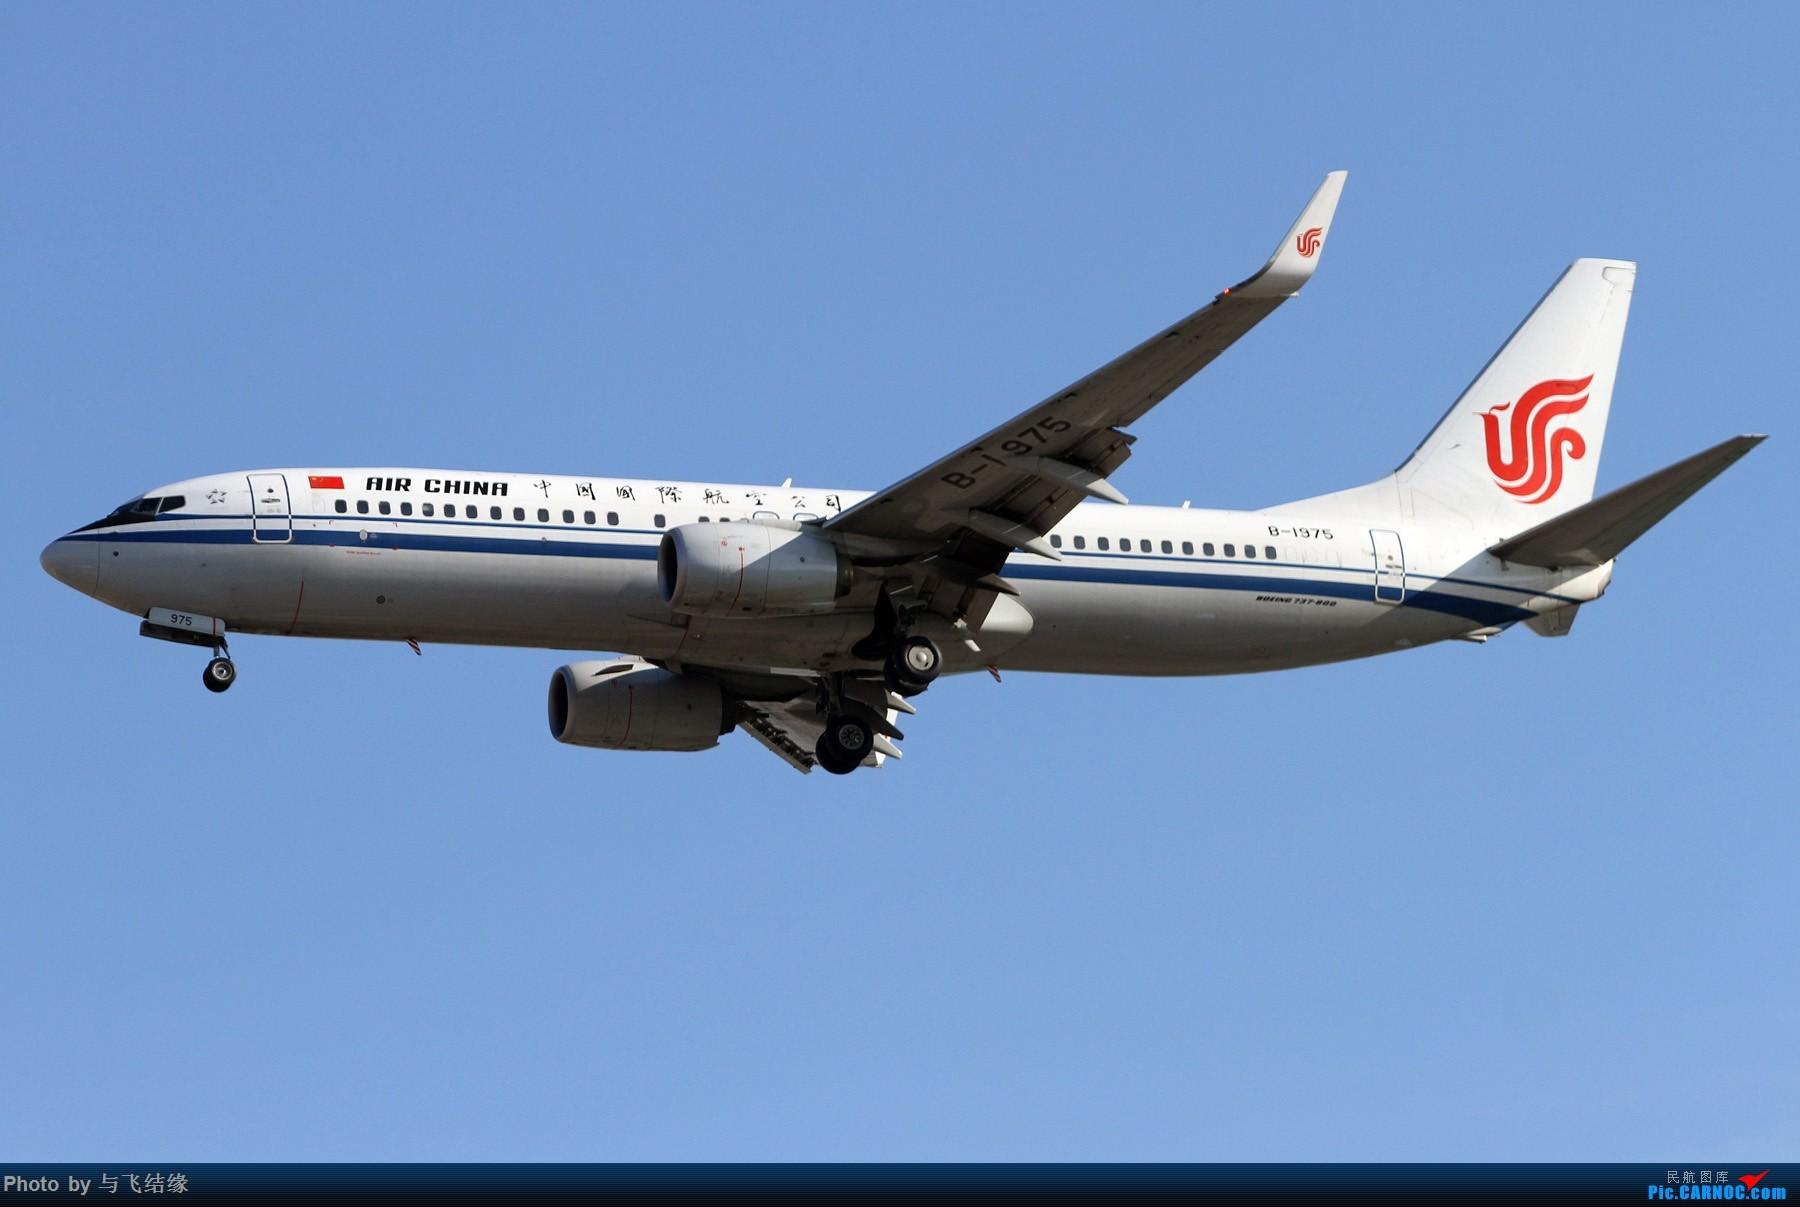 Re:[原创]十二月十号天气不错,楼了几张拙作出来露个脸发一下。 BOEING 737-800 B-1975 中国北京首都国际机场